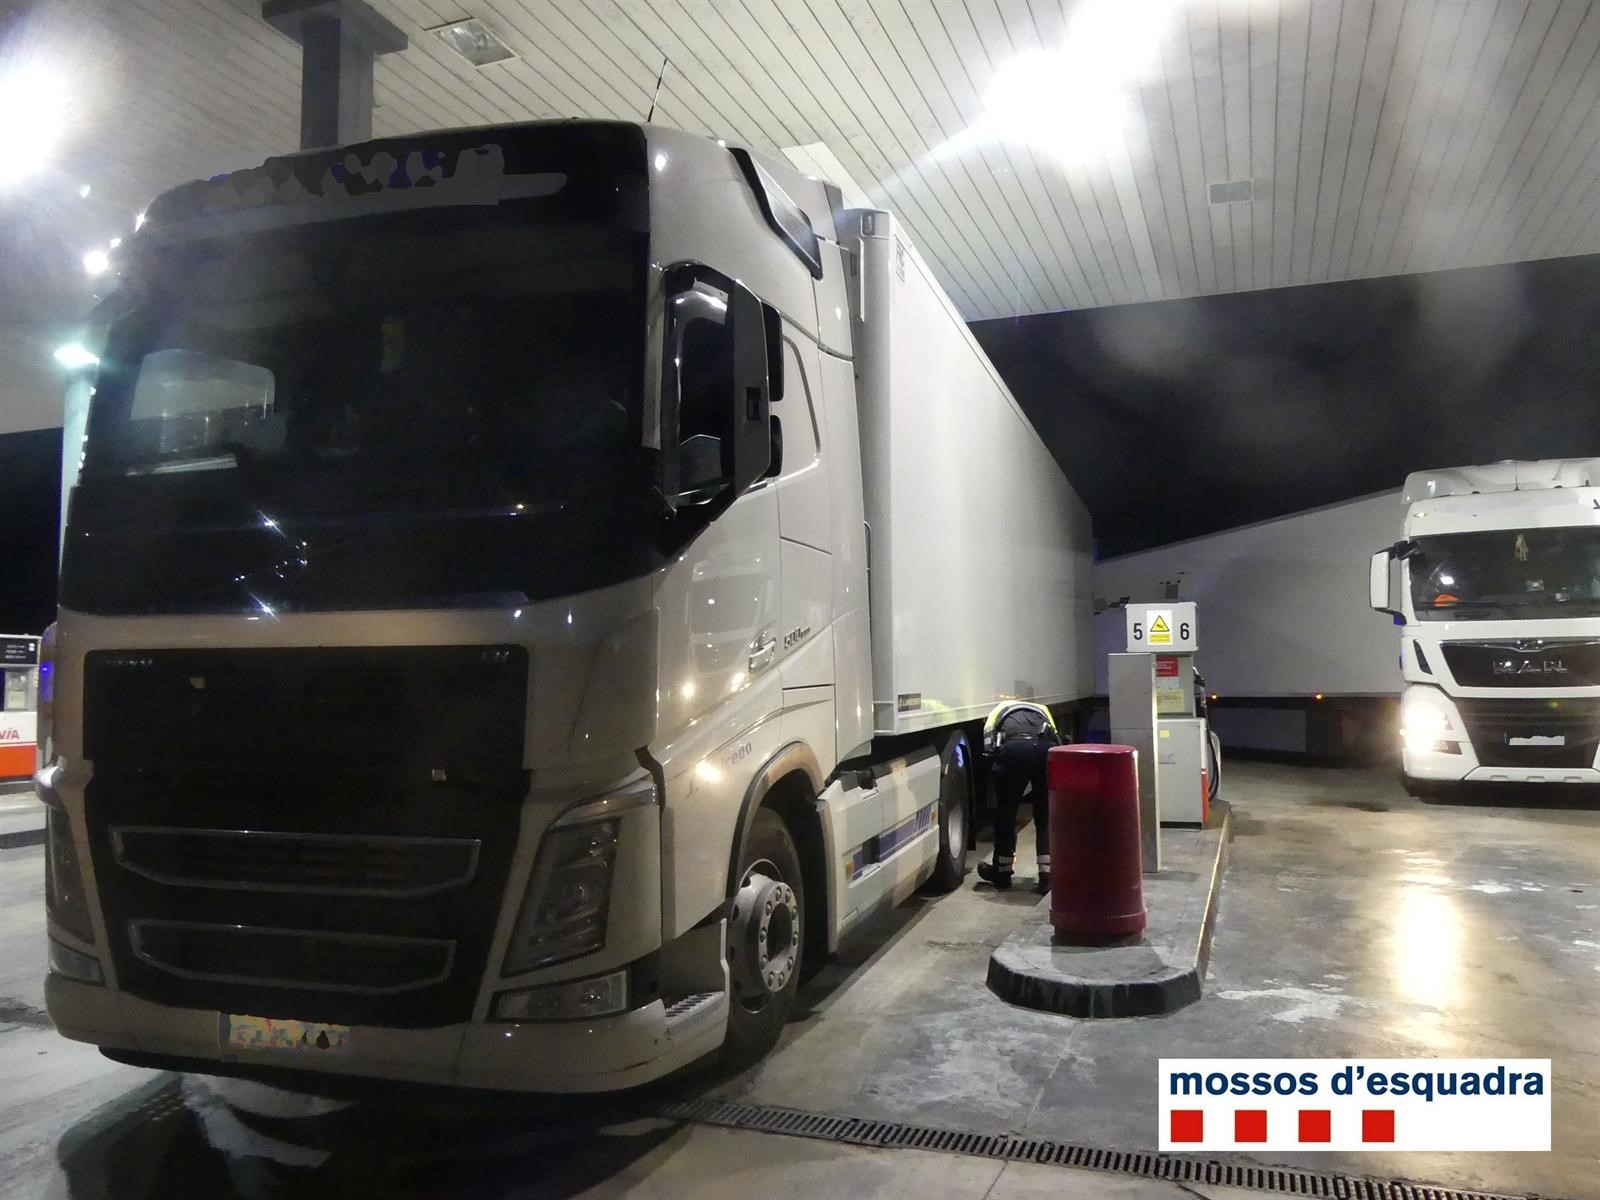 Detenido en Girona un camionero de Motril por sextuplicar la alcoholemia y atropellar a su compañero